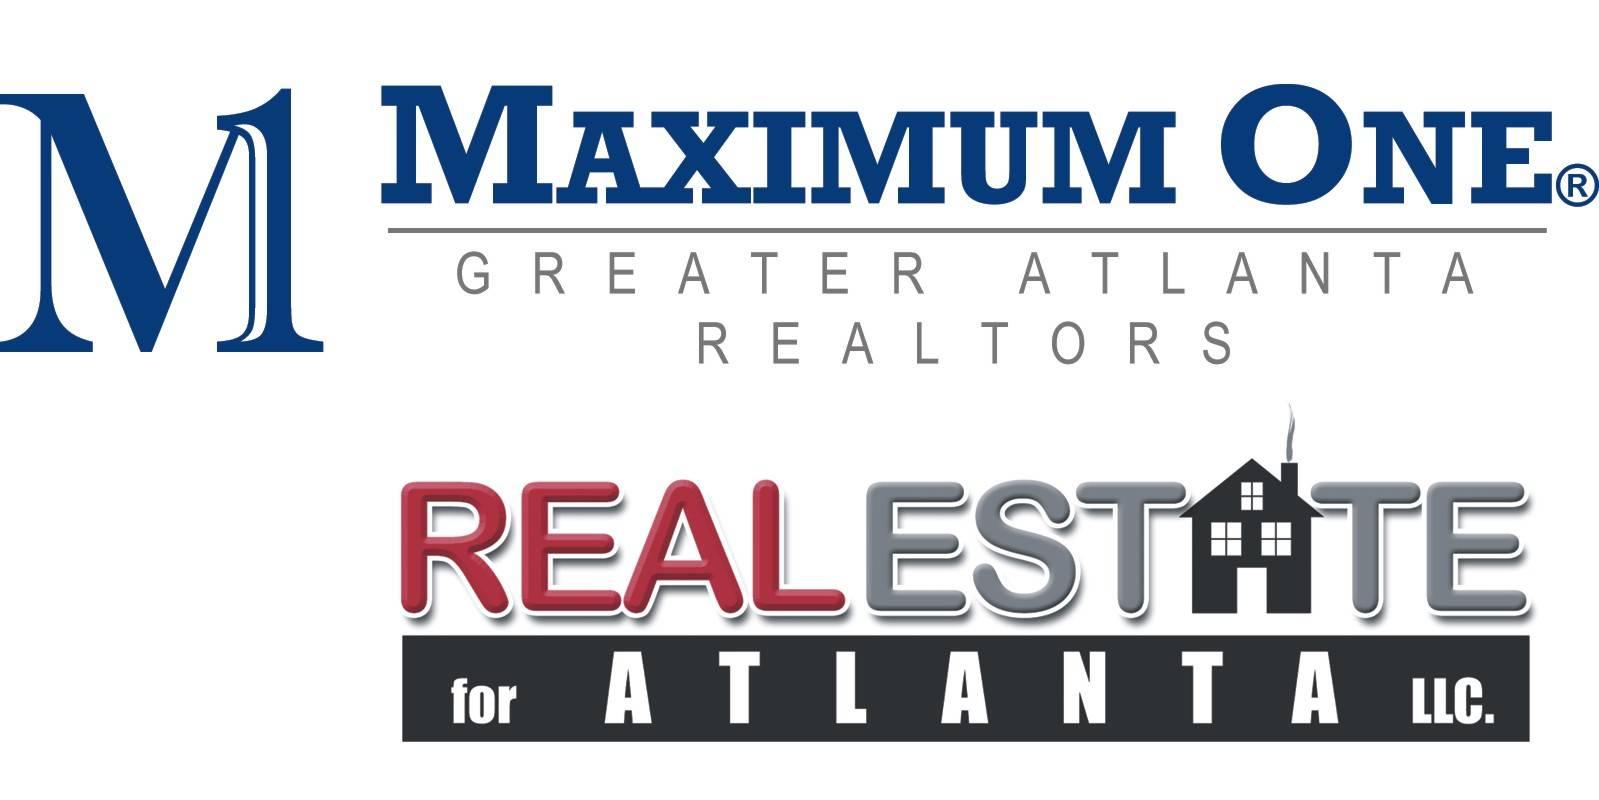 Maximum One Greater Atlanta Realtors